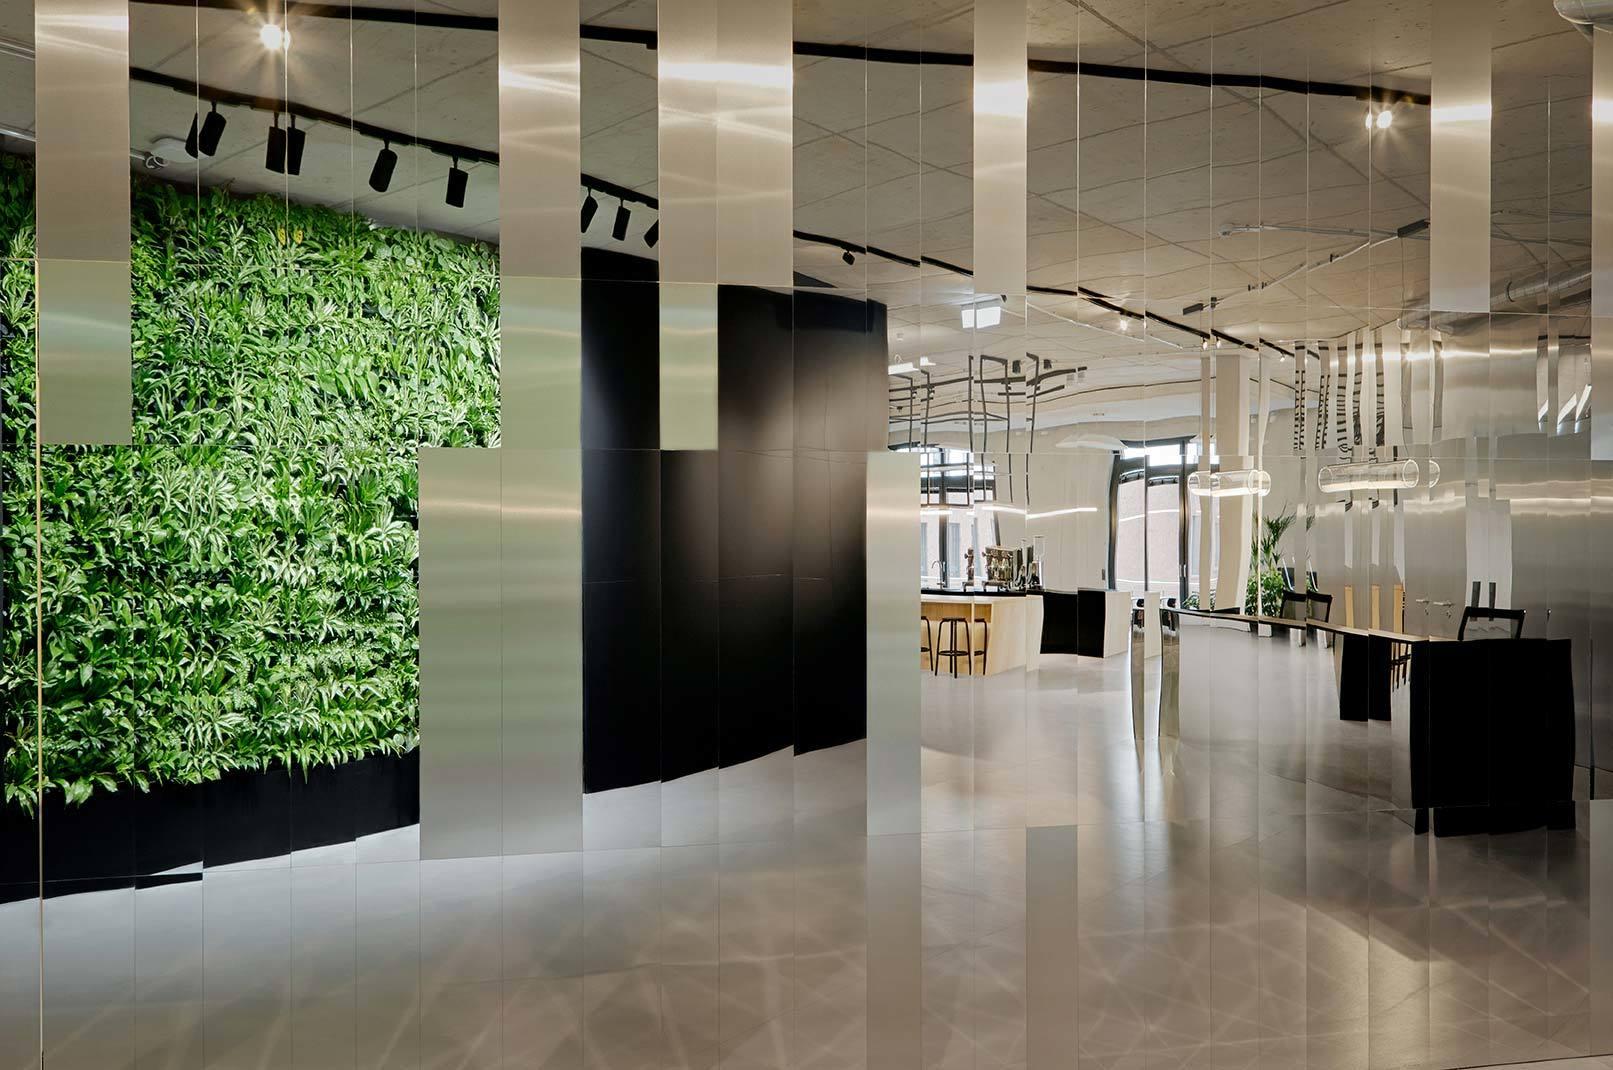 Projekt von Ply Atelier mit spiegelpoliertem Edelstahlblech, verwendet für die Wandverkleidung des Büros der Ramboll Deutschland GmbH in Hamburg. Foto: Nina Struve